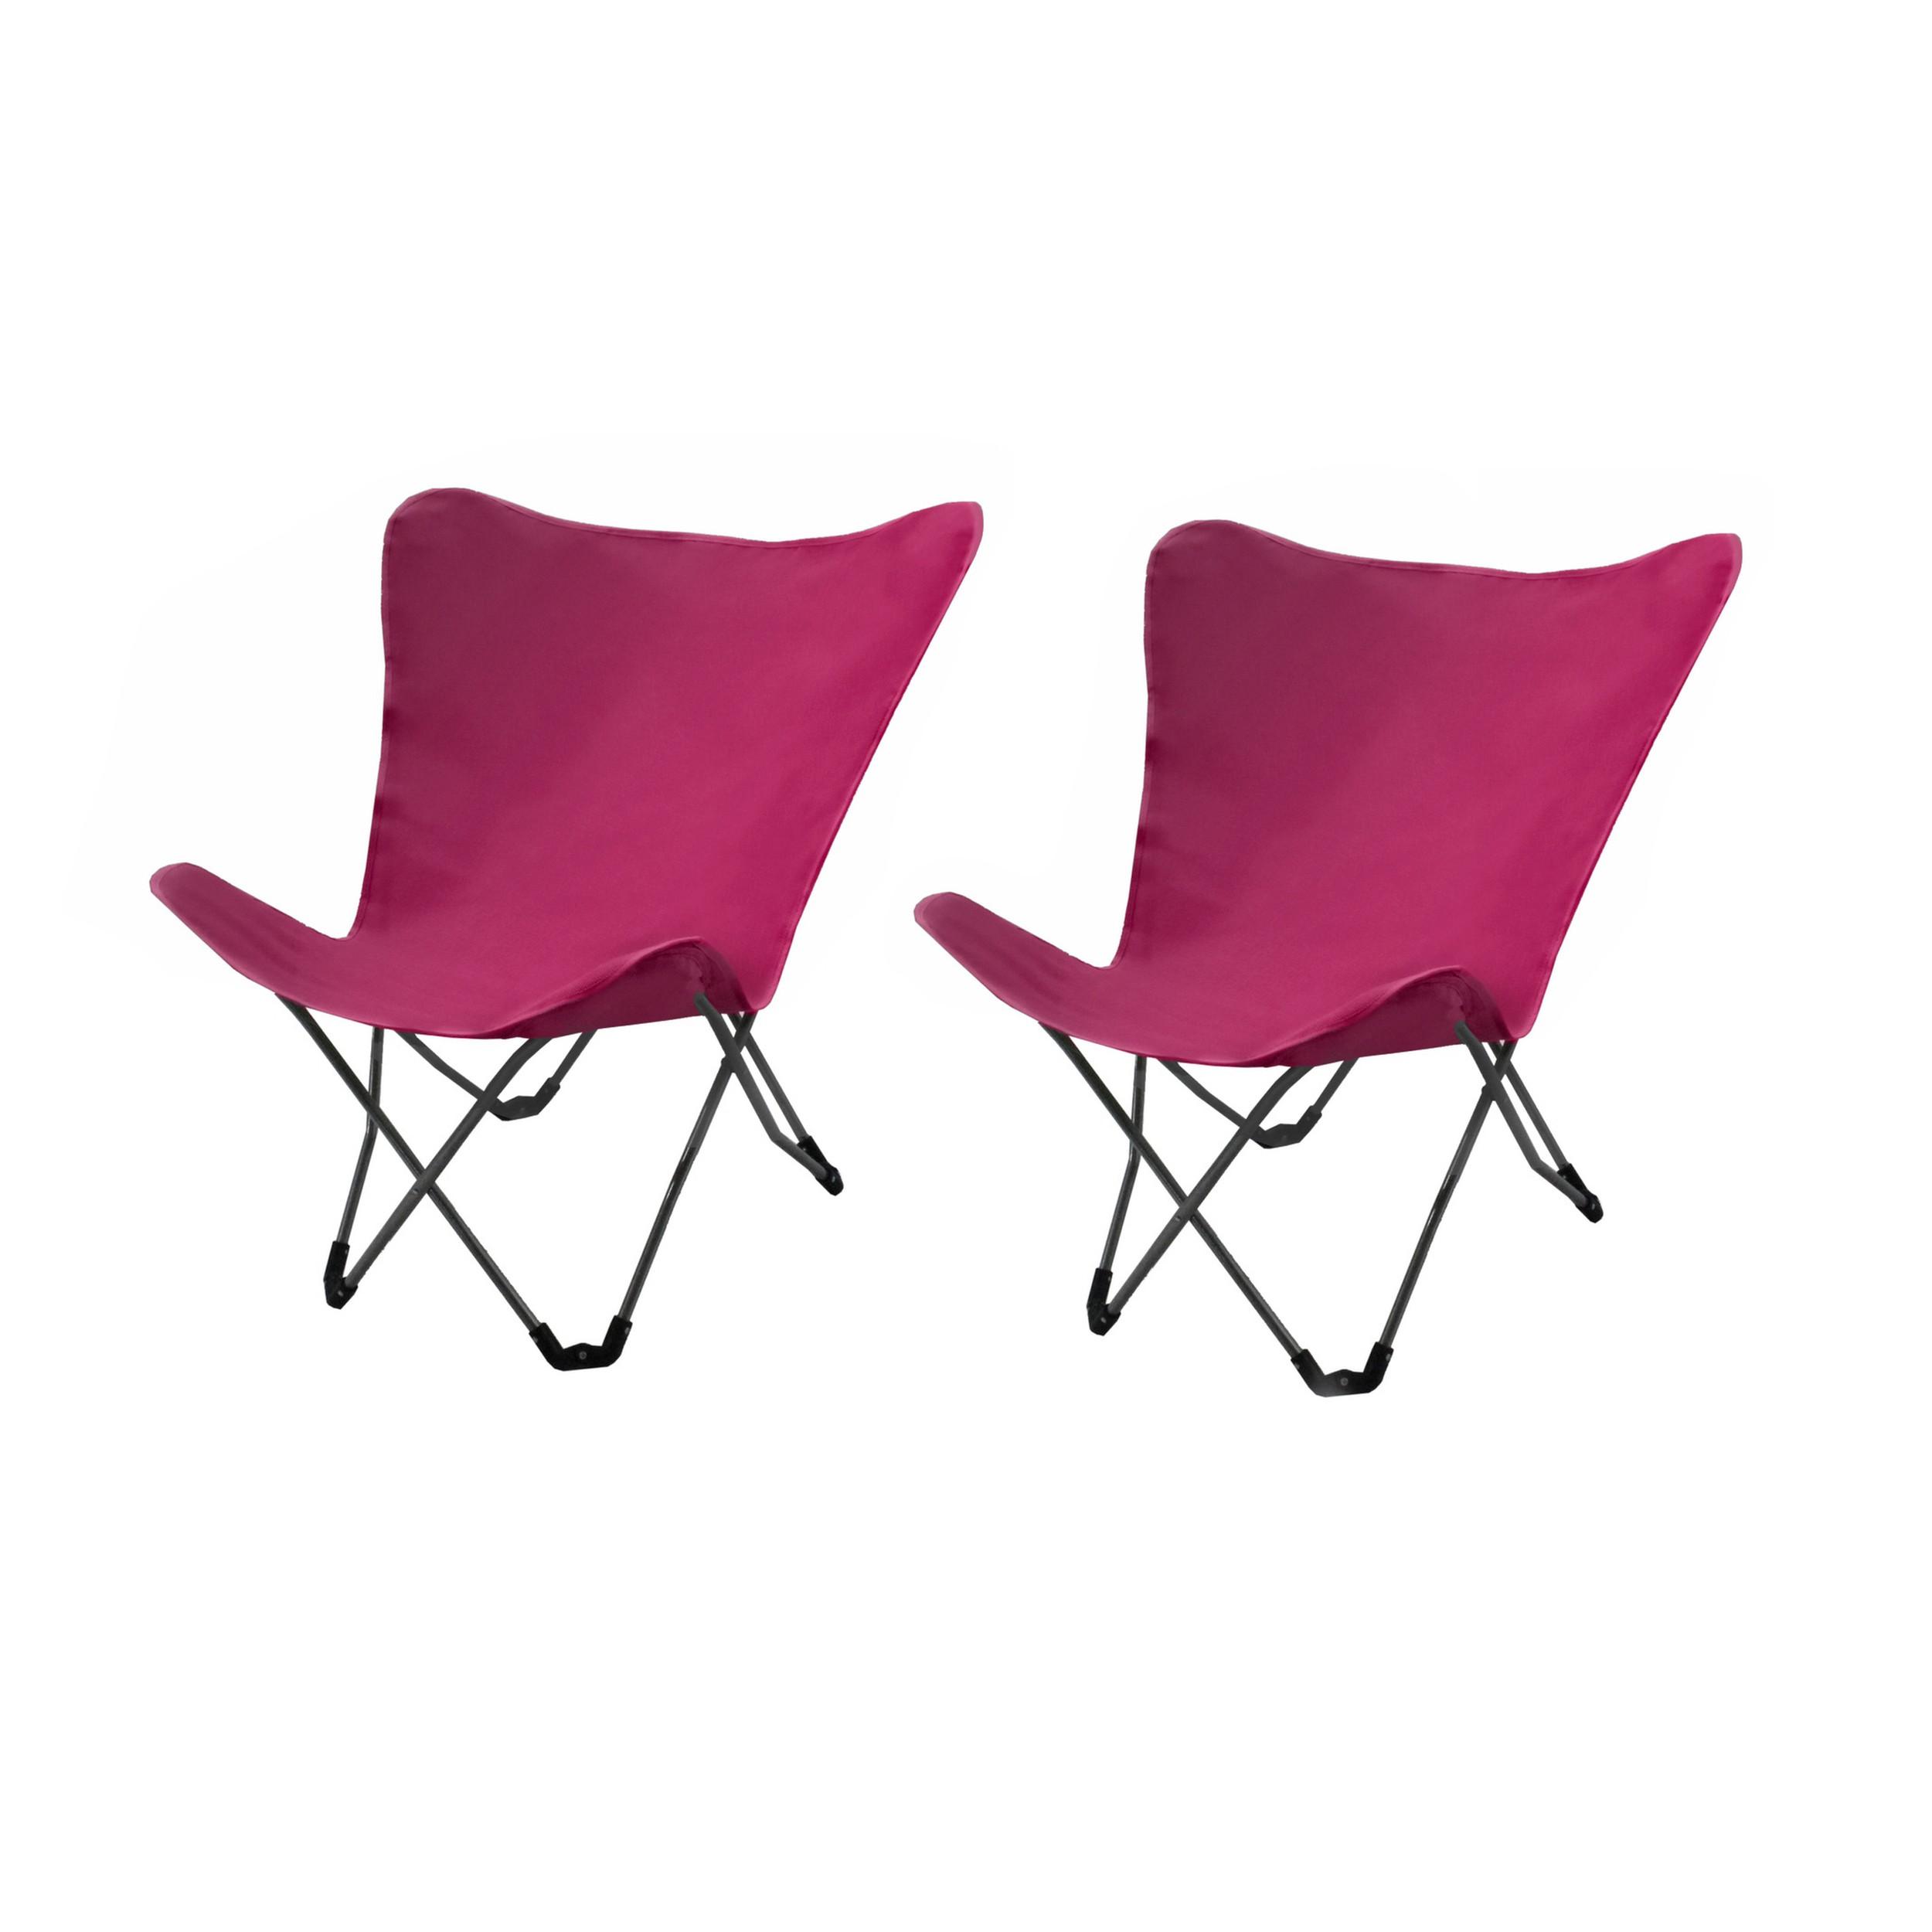 chaise d tente vitoria rose lot de 2 achetez les chaises d tente vitoria roses lot de 2. Black Bedroom Furniture Sets. Home Design Ideas